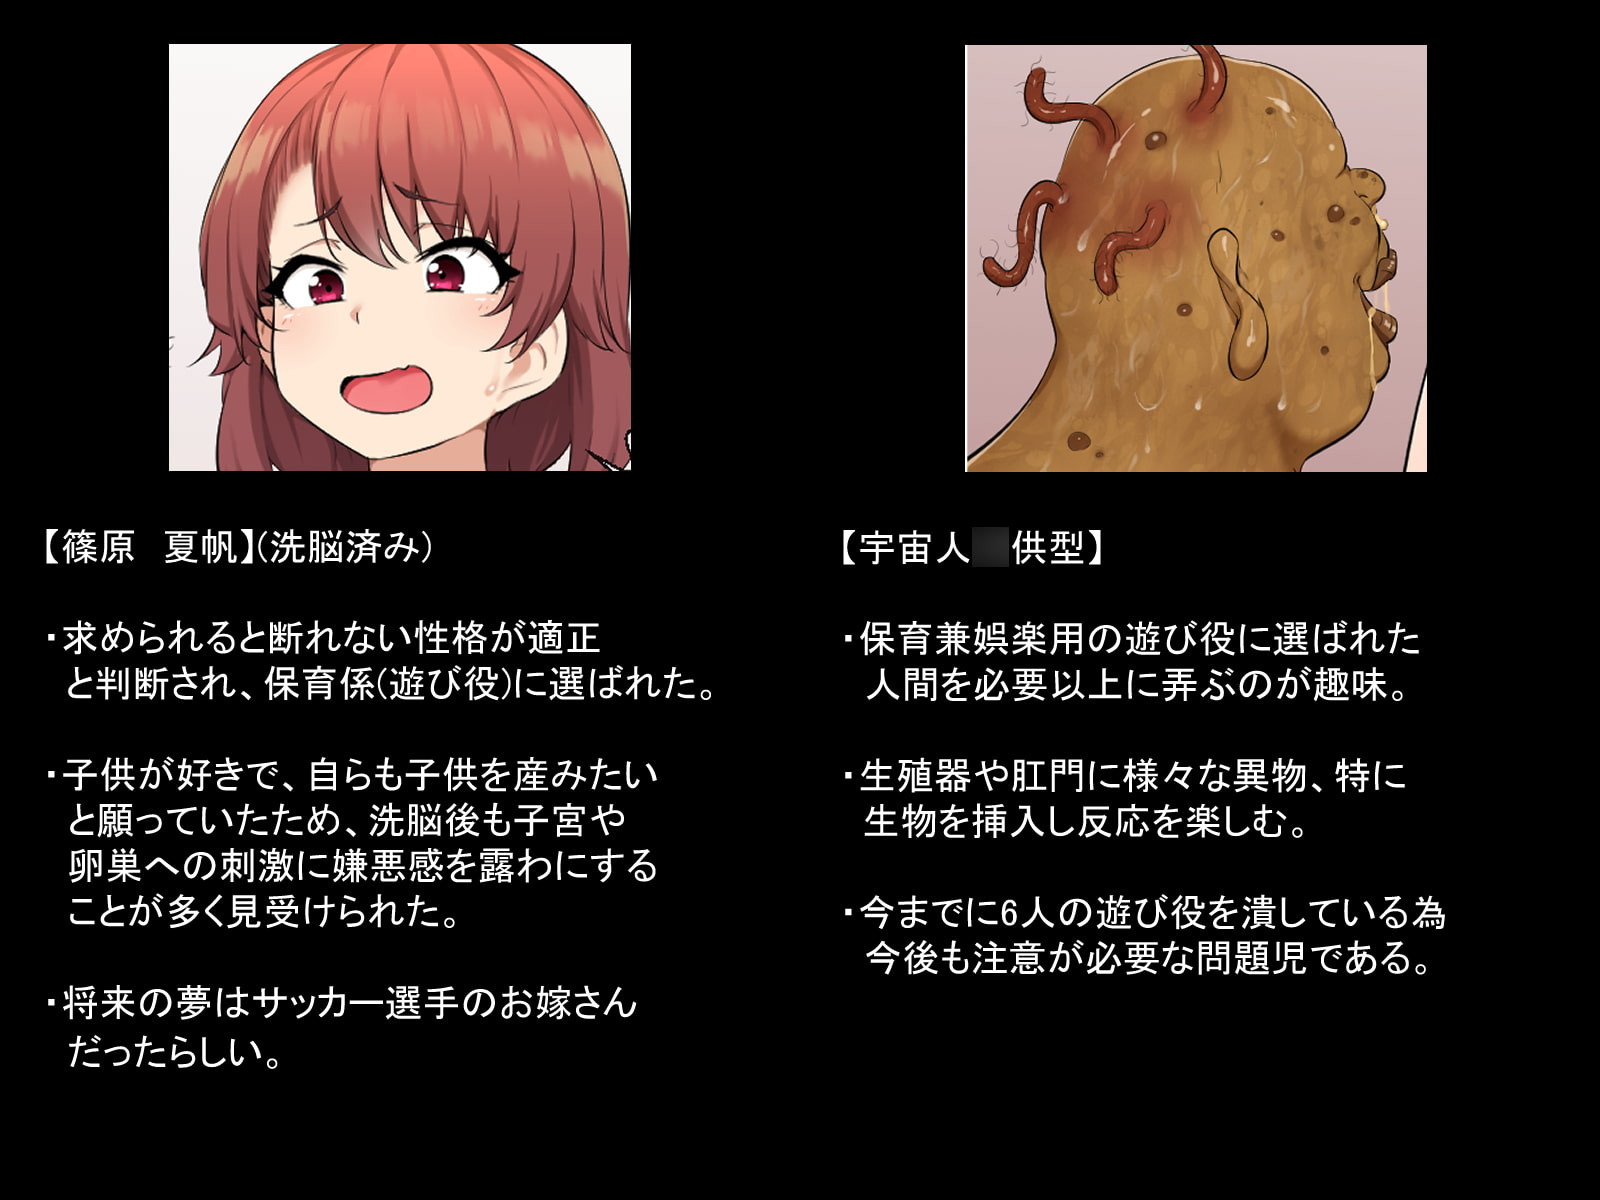 卵子ムダづかい集9